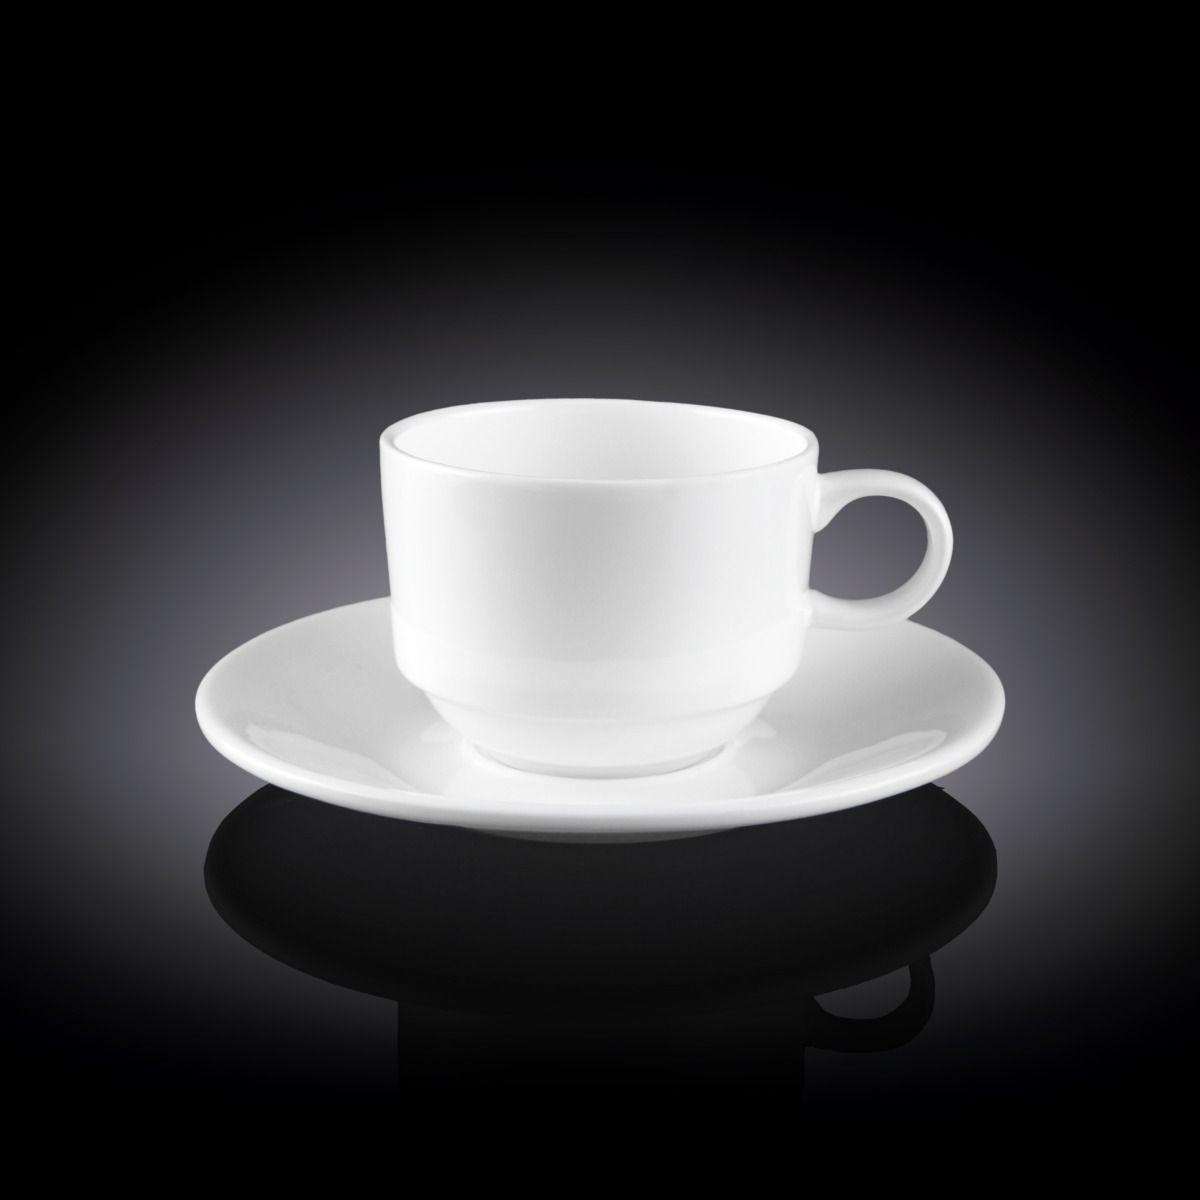 Чашка кофейная с блюдцем Wilmax 140 мл